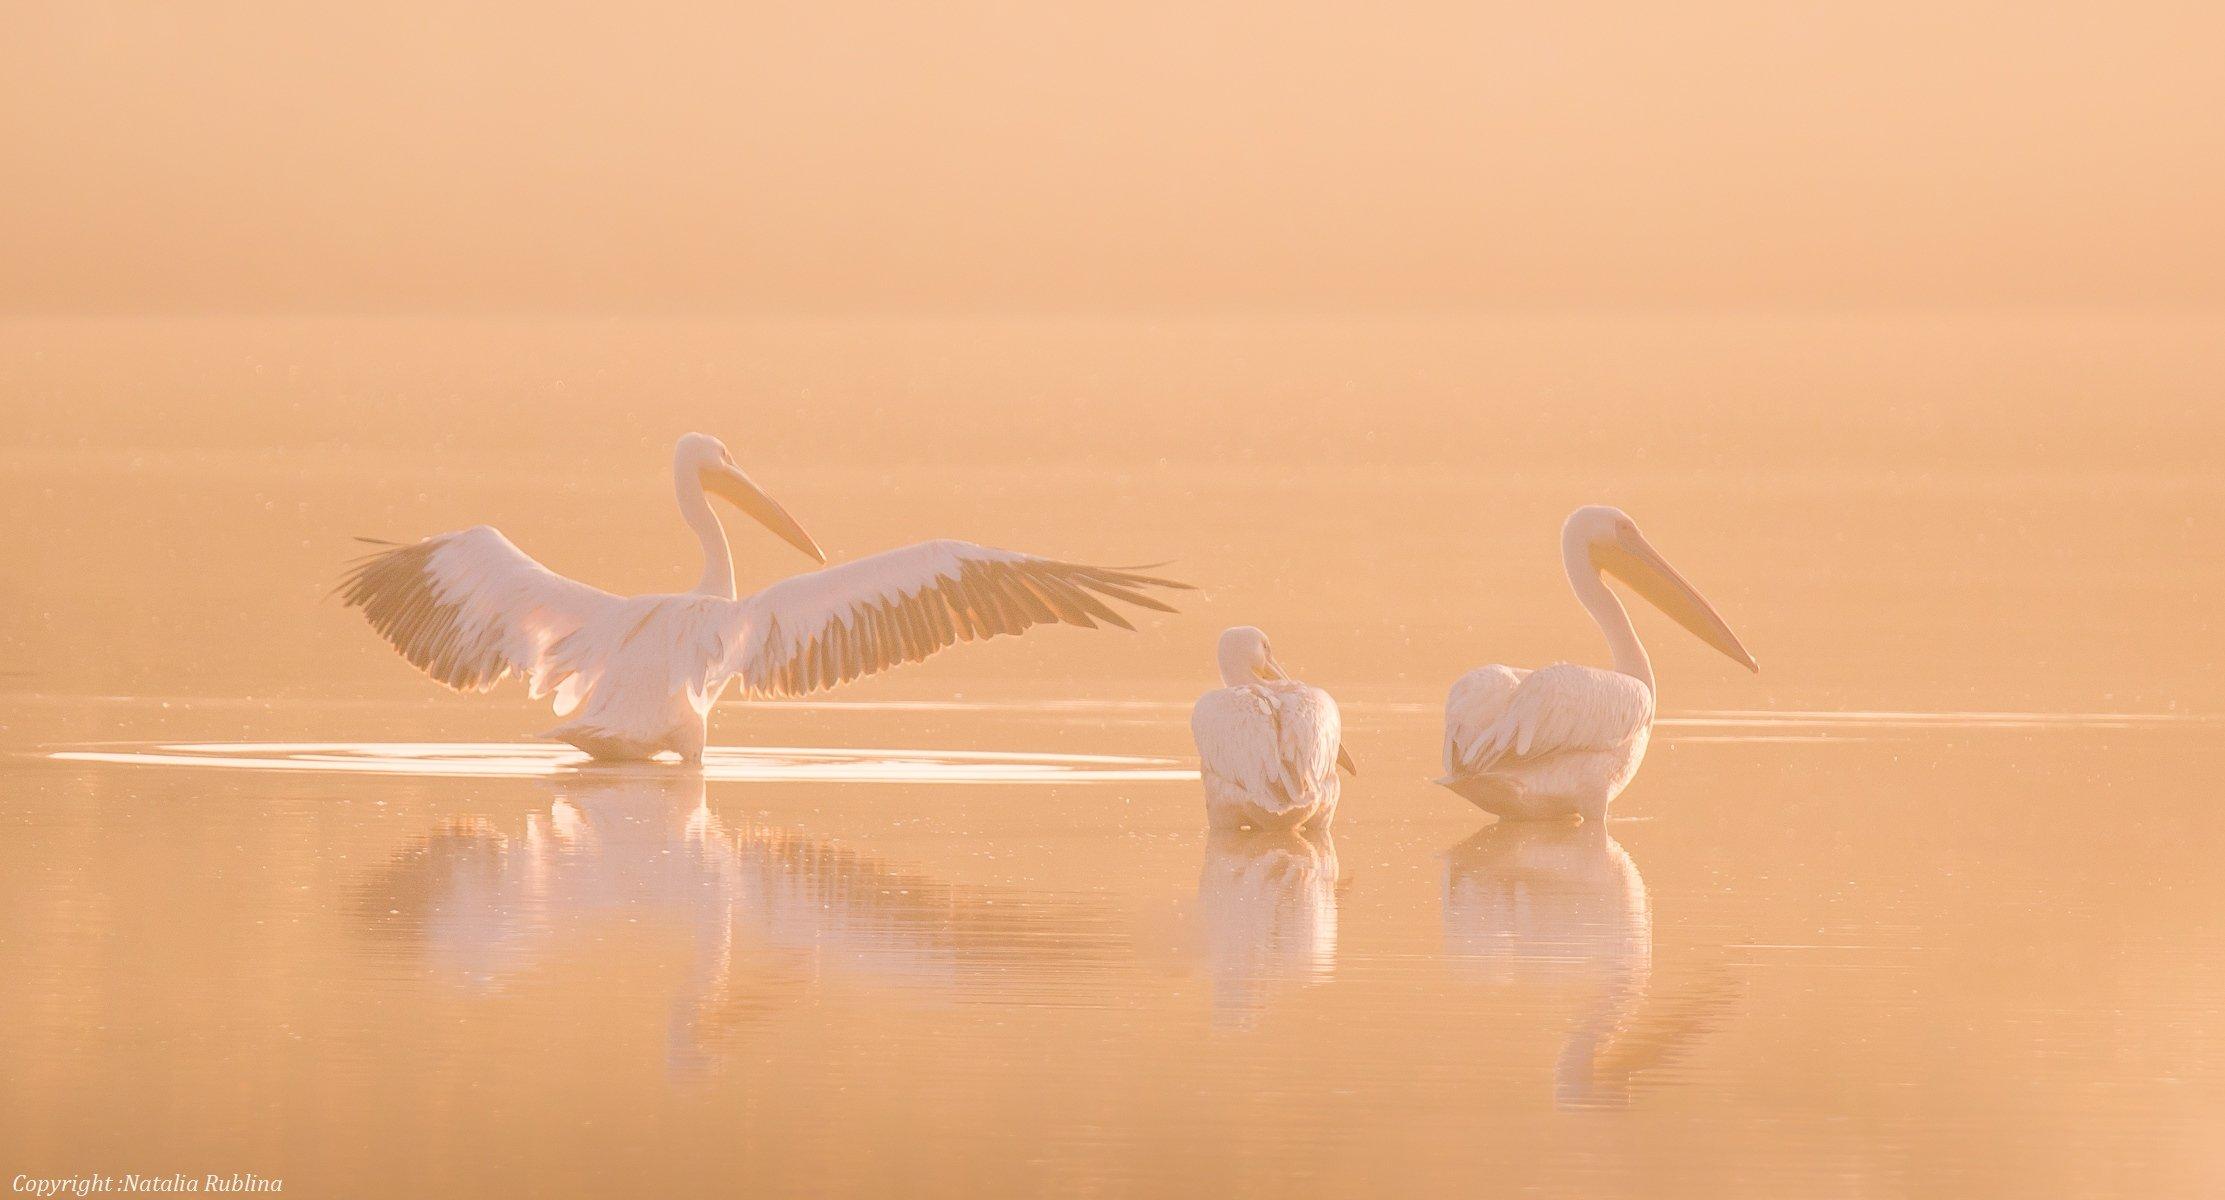 безмятежность, заповедник, красота, крылья, мечта, настроение, нежность, озеро, пеликаны, природа, птицы, рассвет, тишина, туман, утро, Наталья Рублина